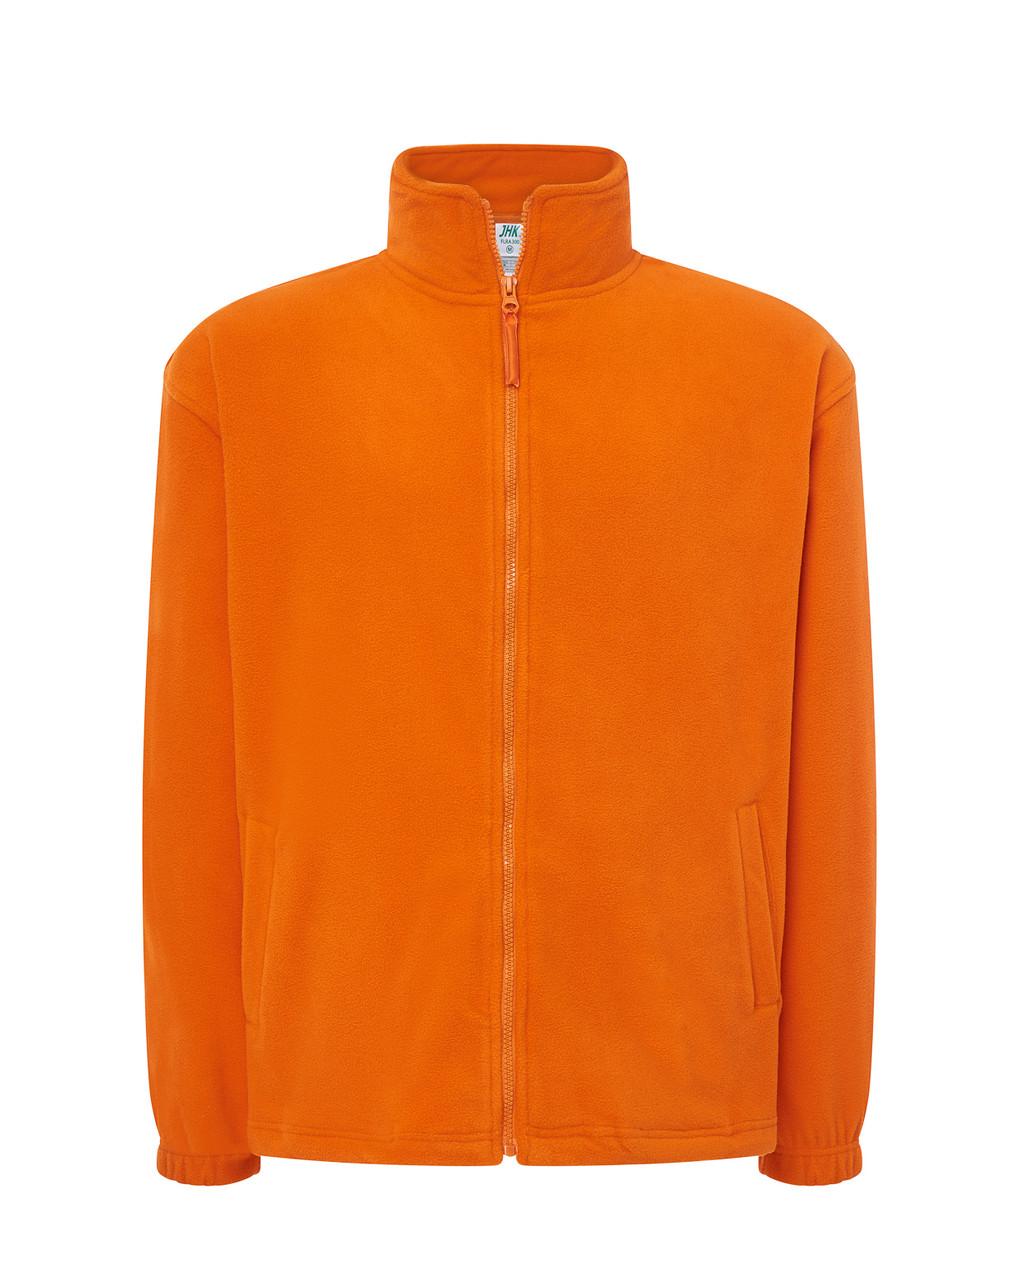 Мужская флисовая кофта JHK POLAR FLEECE MAN цвет оранжевый (OR) S